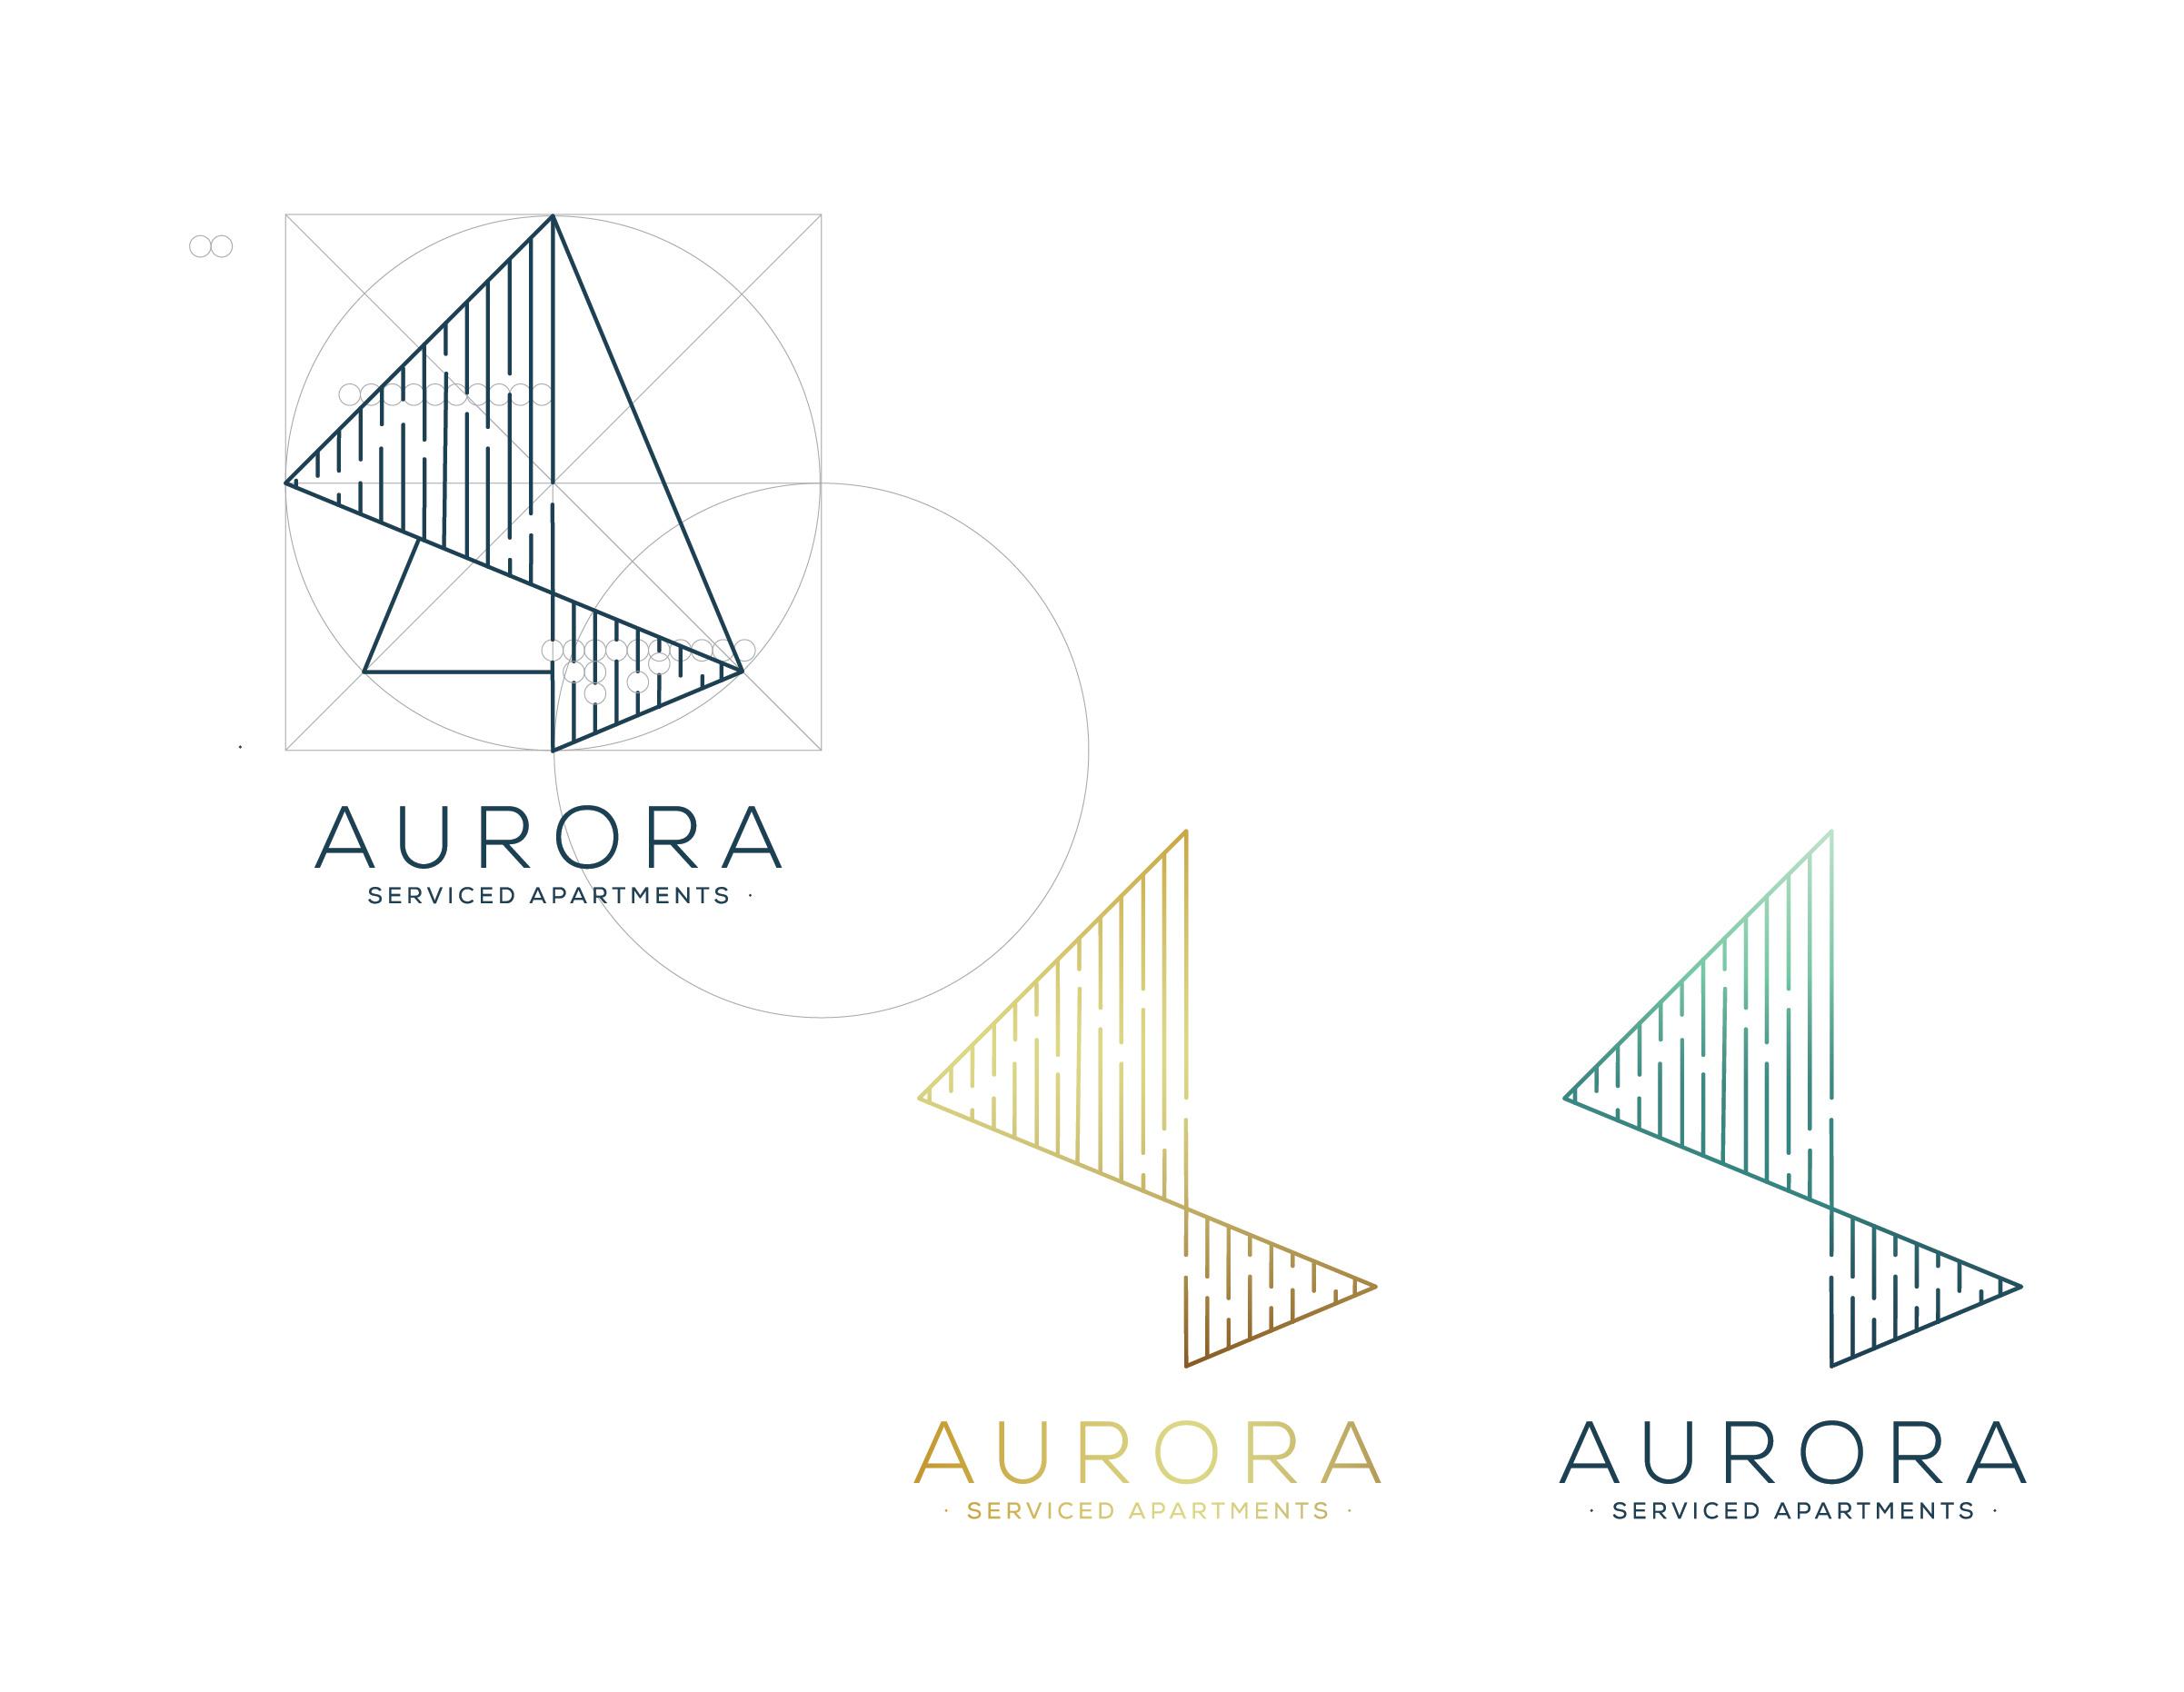 AURORA LOGO 1-02